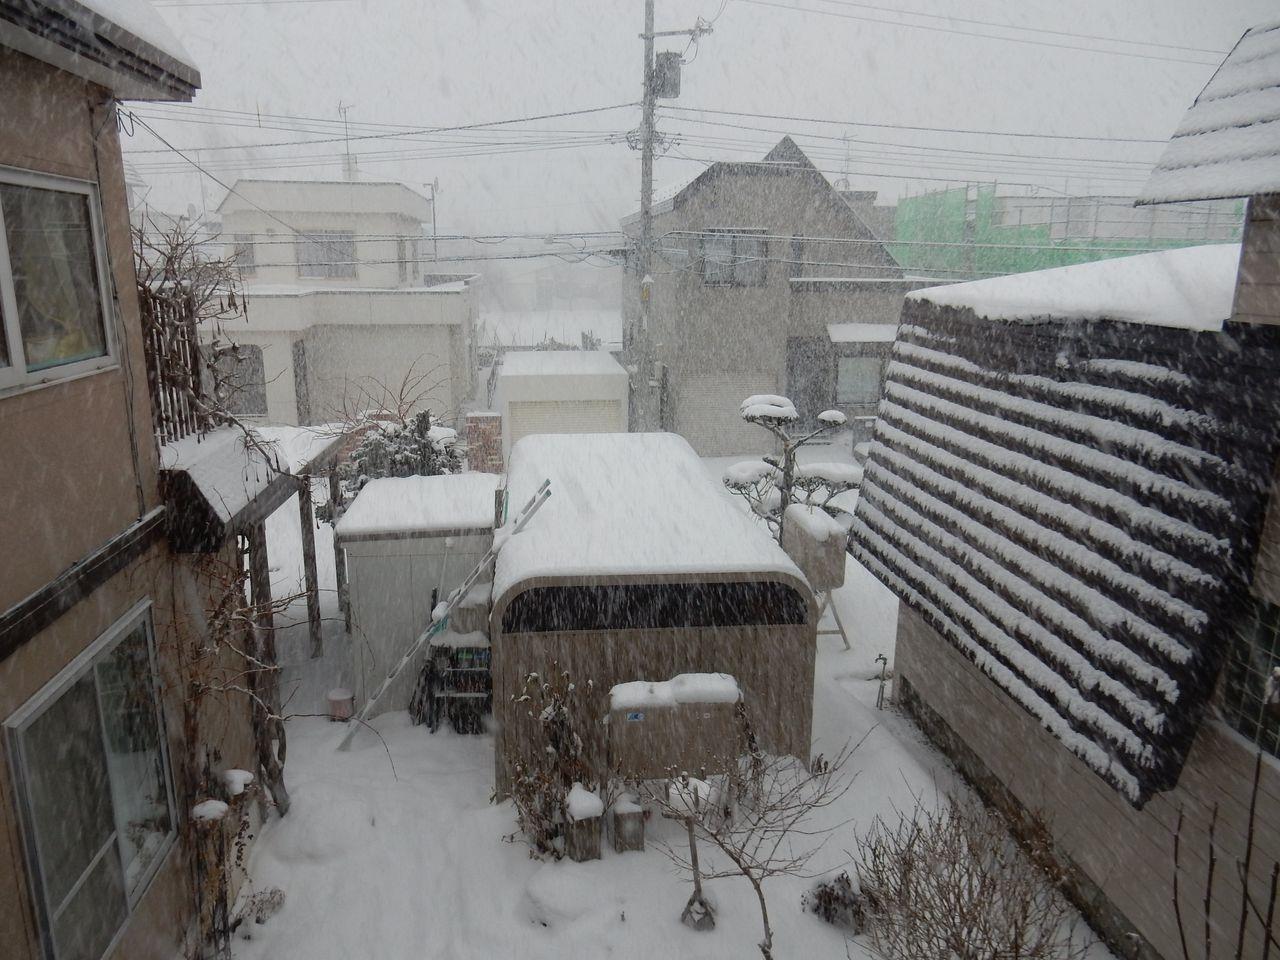 久々の雪らしい雪_c0025115_22011476.jpg